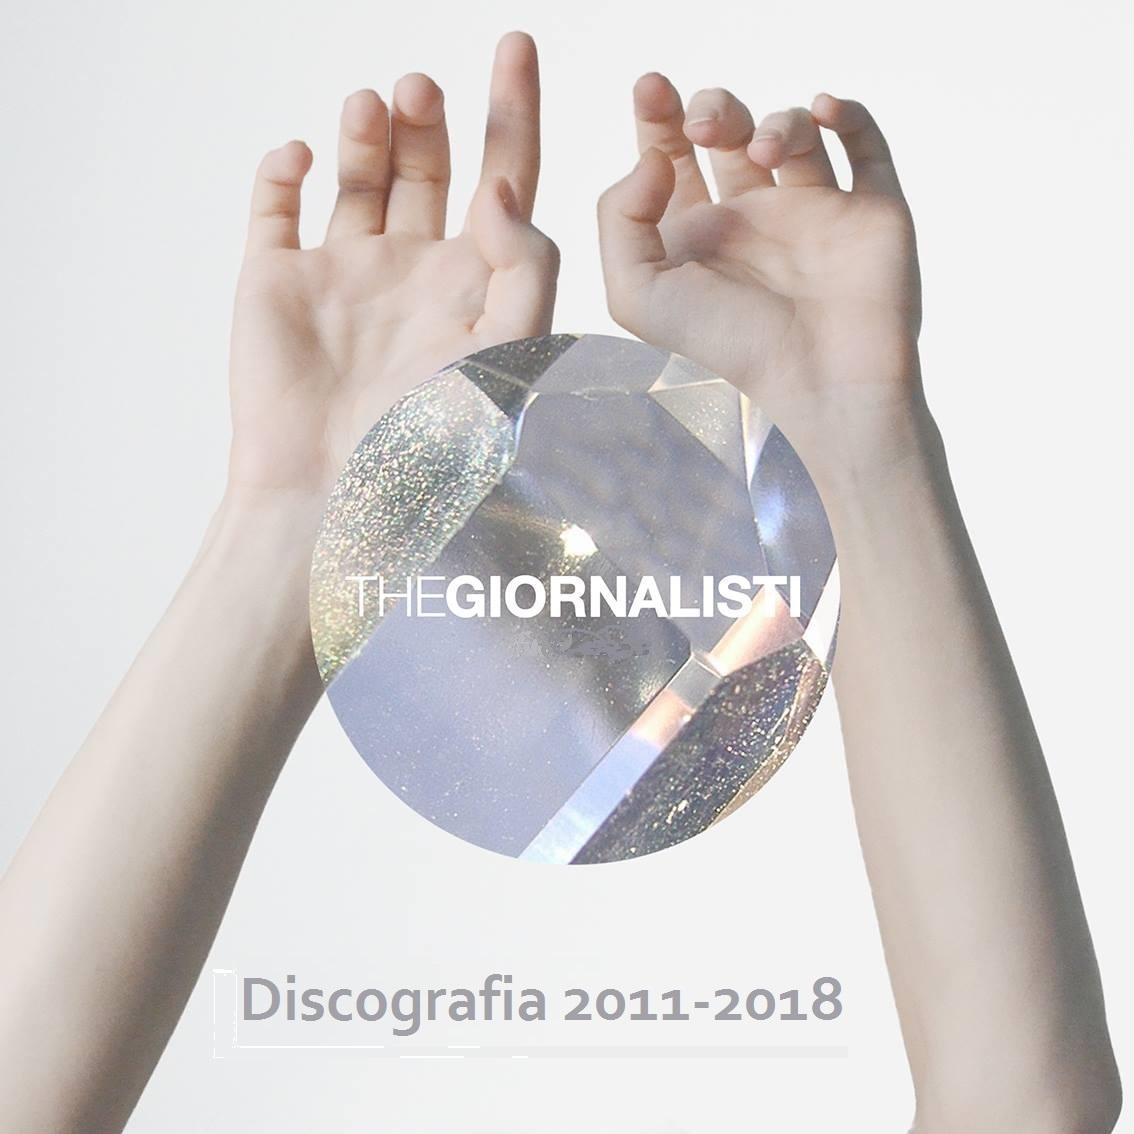 Thegiornalisti - Discografia (2011-2018) Mp3